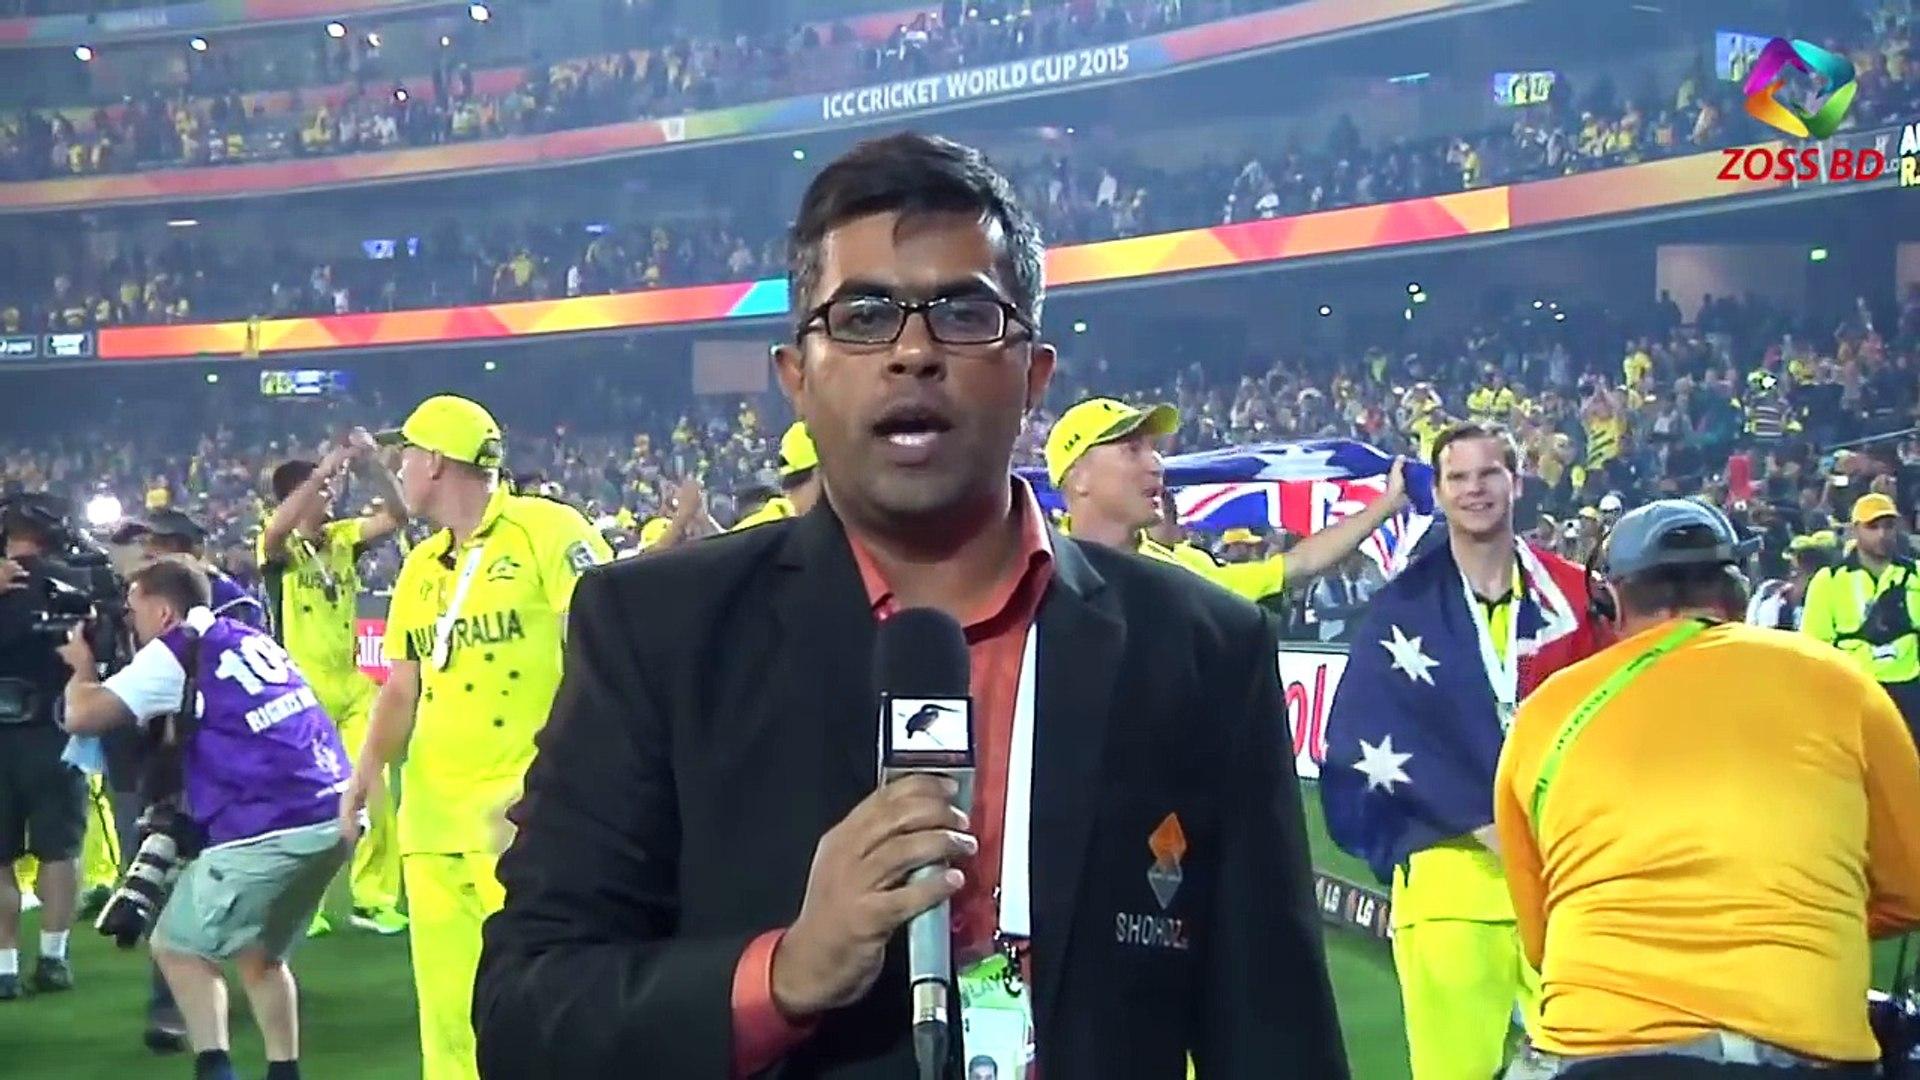 Bangladeshi News Bloopers | Bangla News Presenters | Funny News Clips